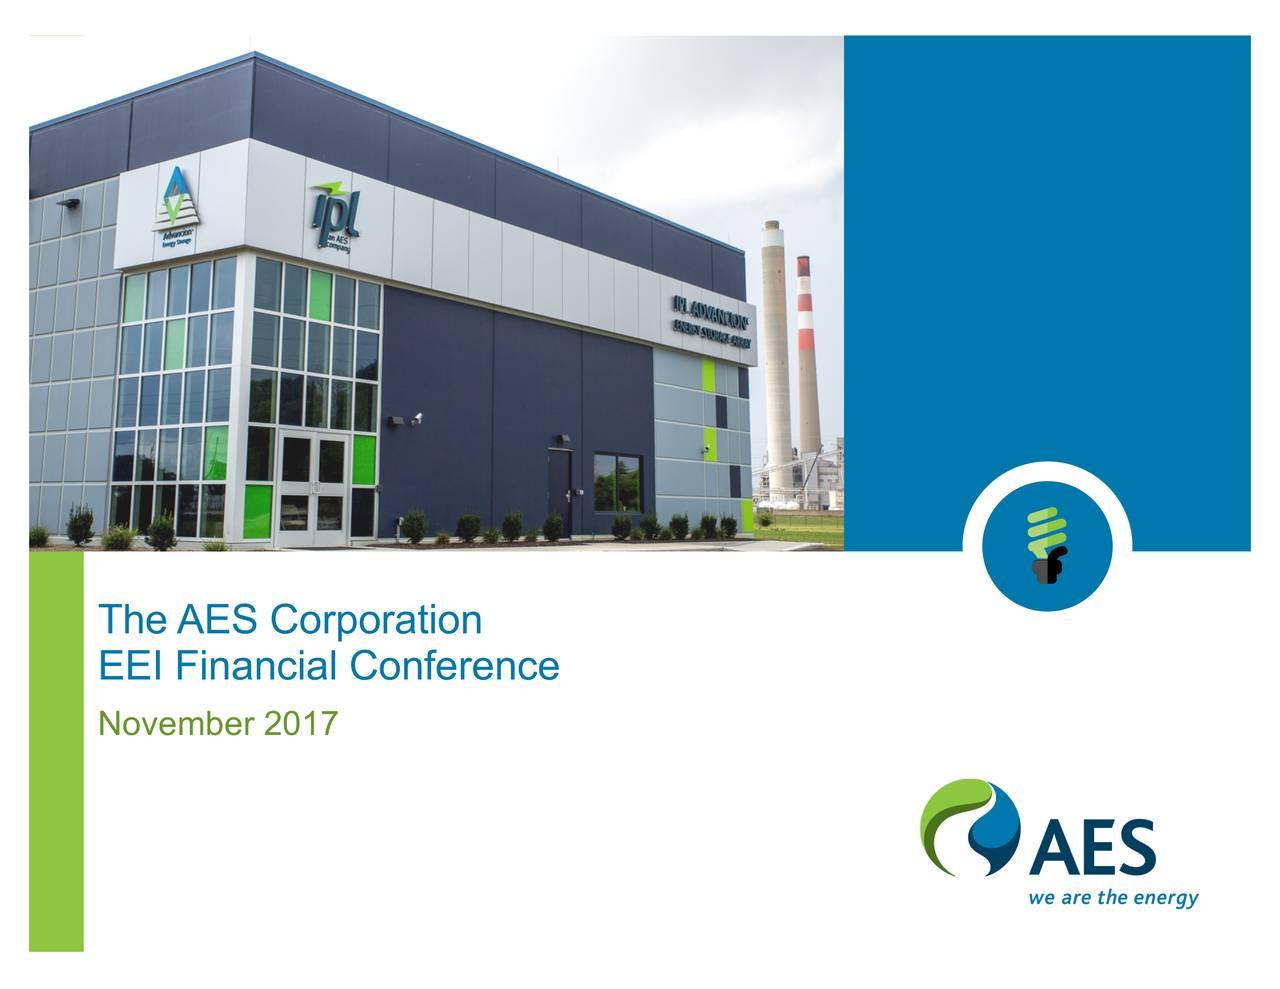 EEI Financial Conference November 2017